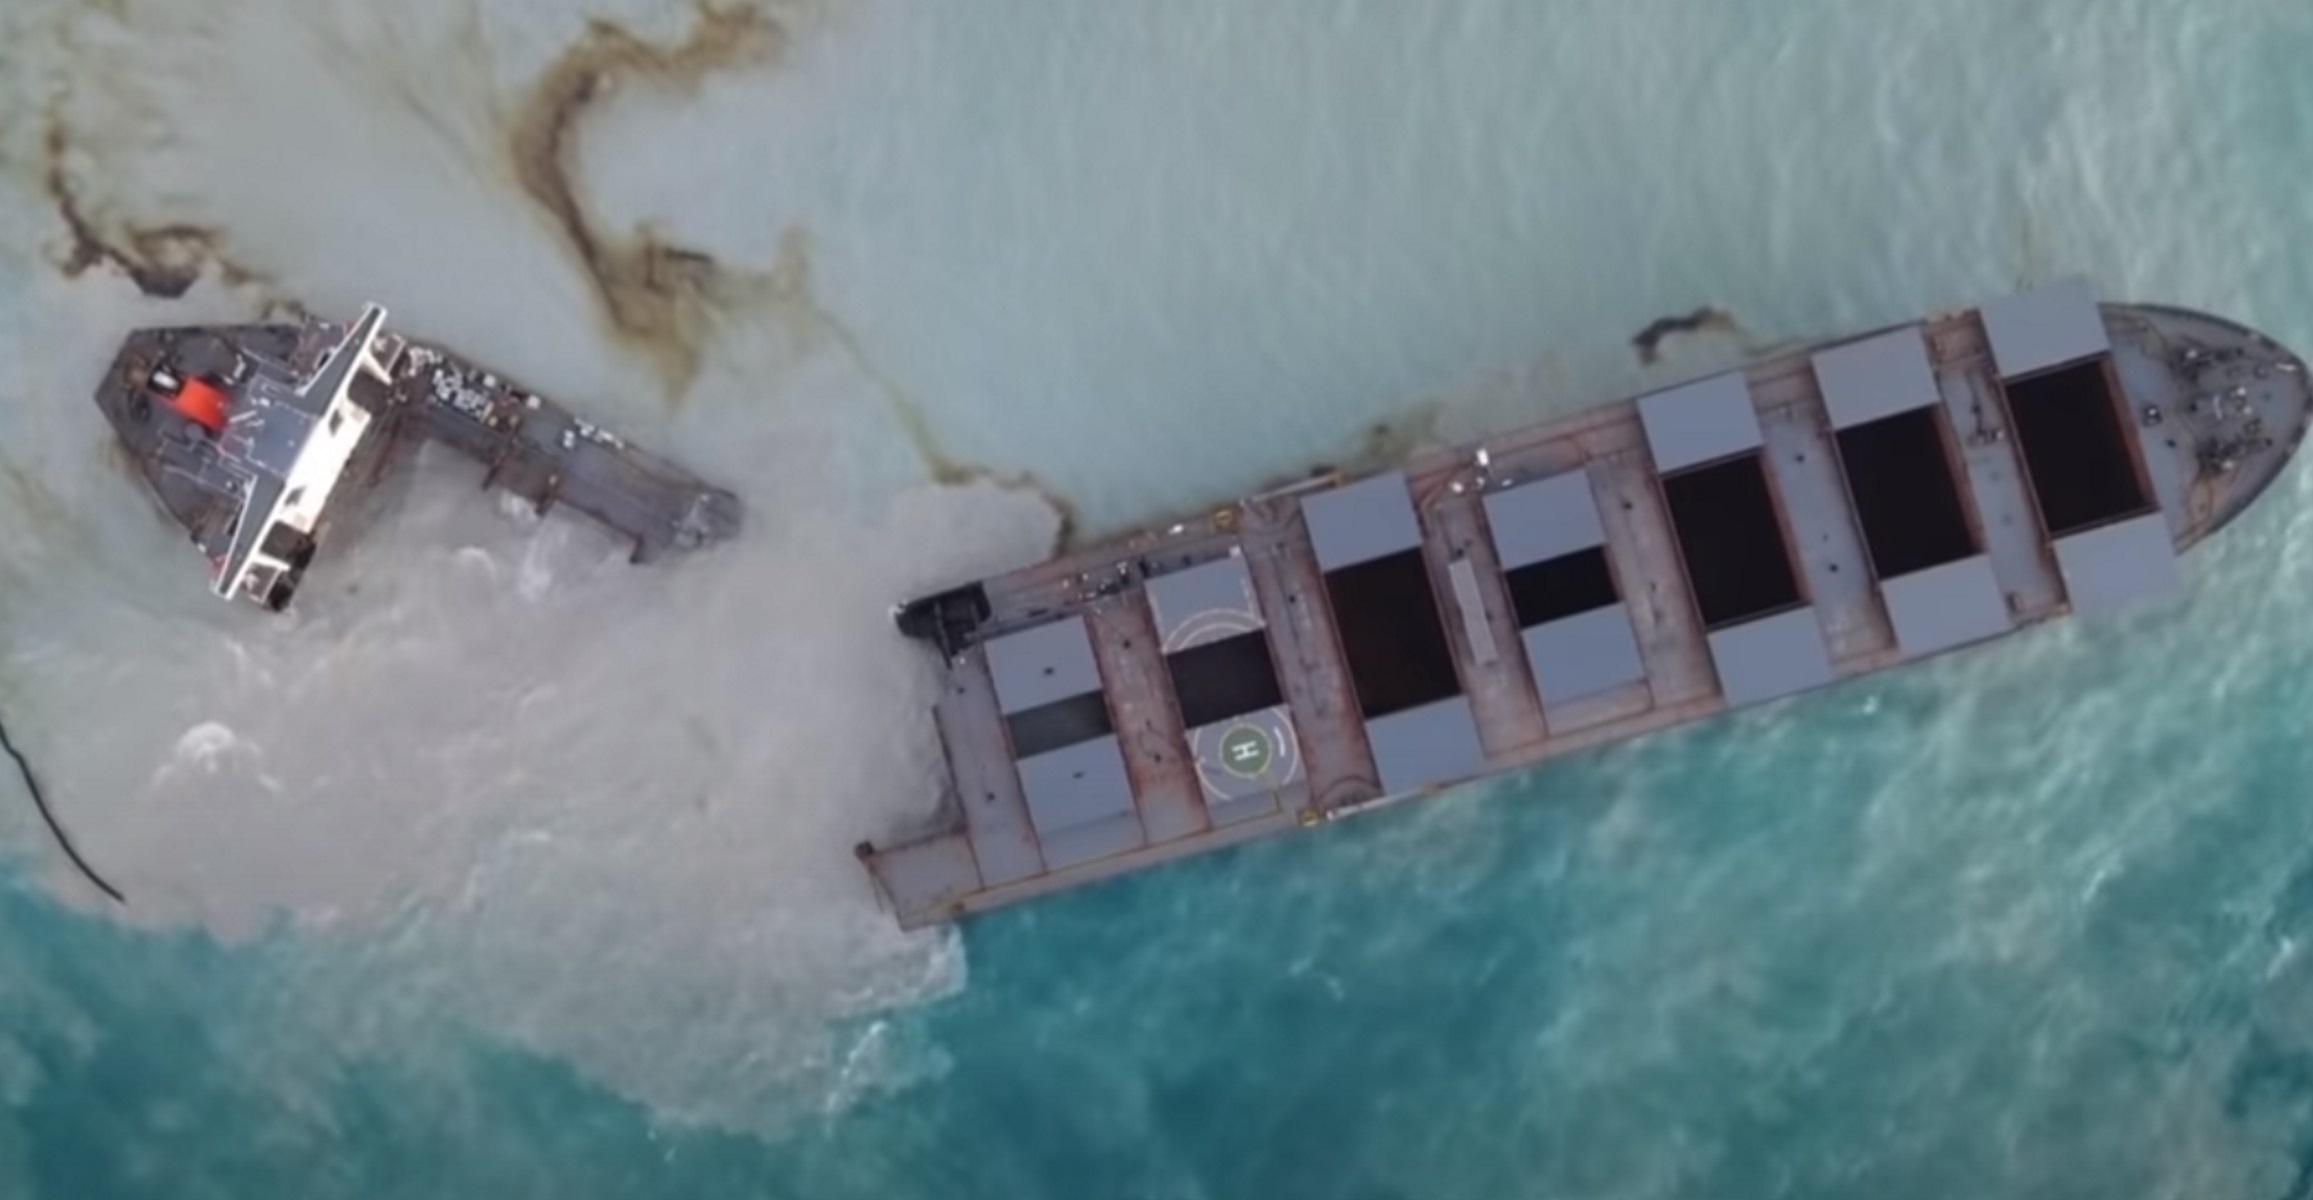 Μαυρίκιος: Κόπηκε στα δύο το ιαπωνικό τάνκερ – Στη θάλασσα 1.000 τόνοι καυσίμων